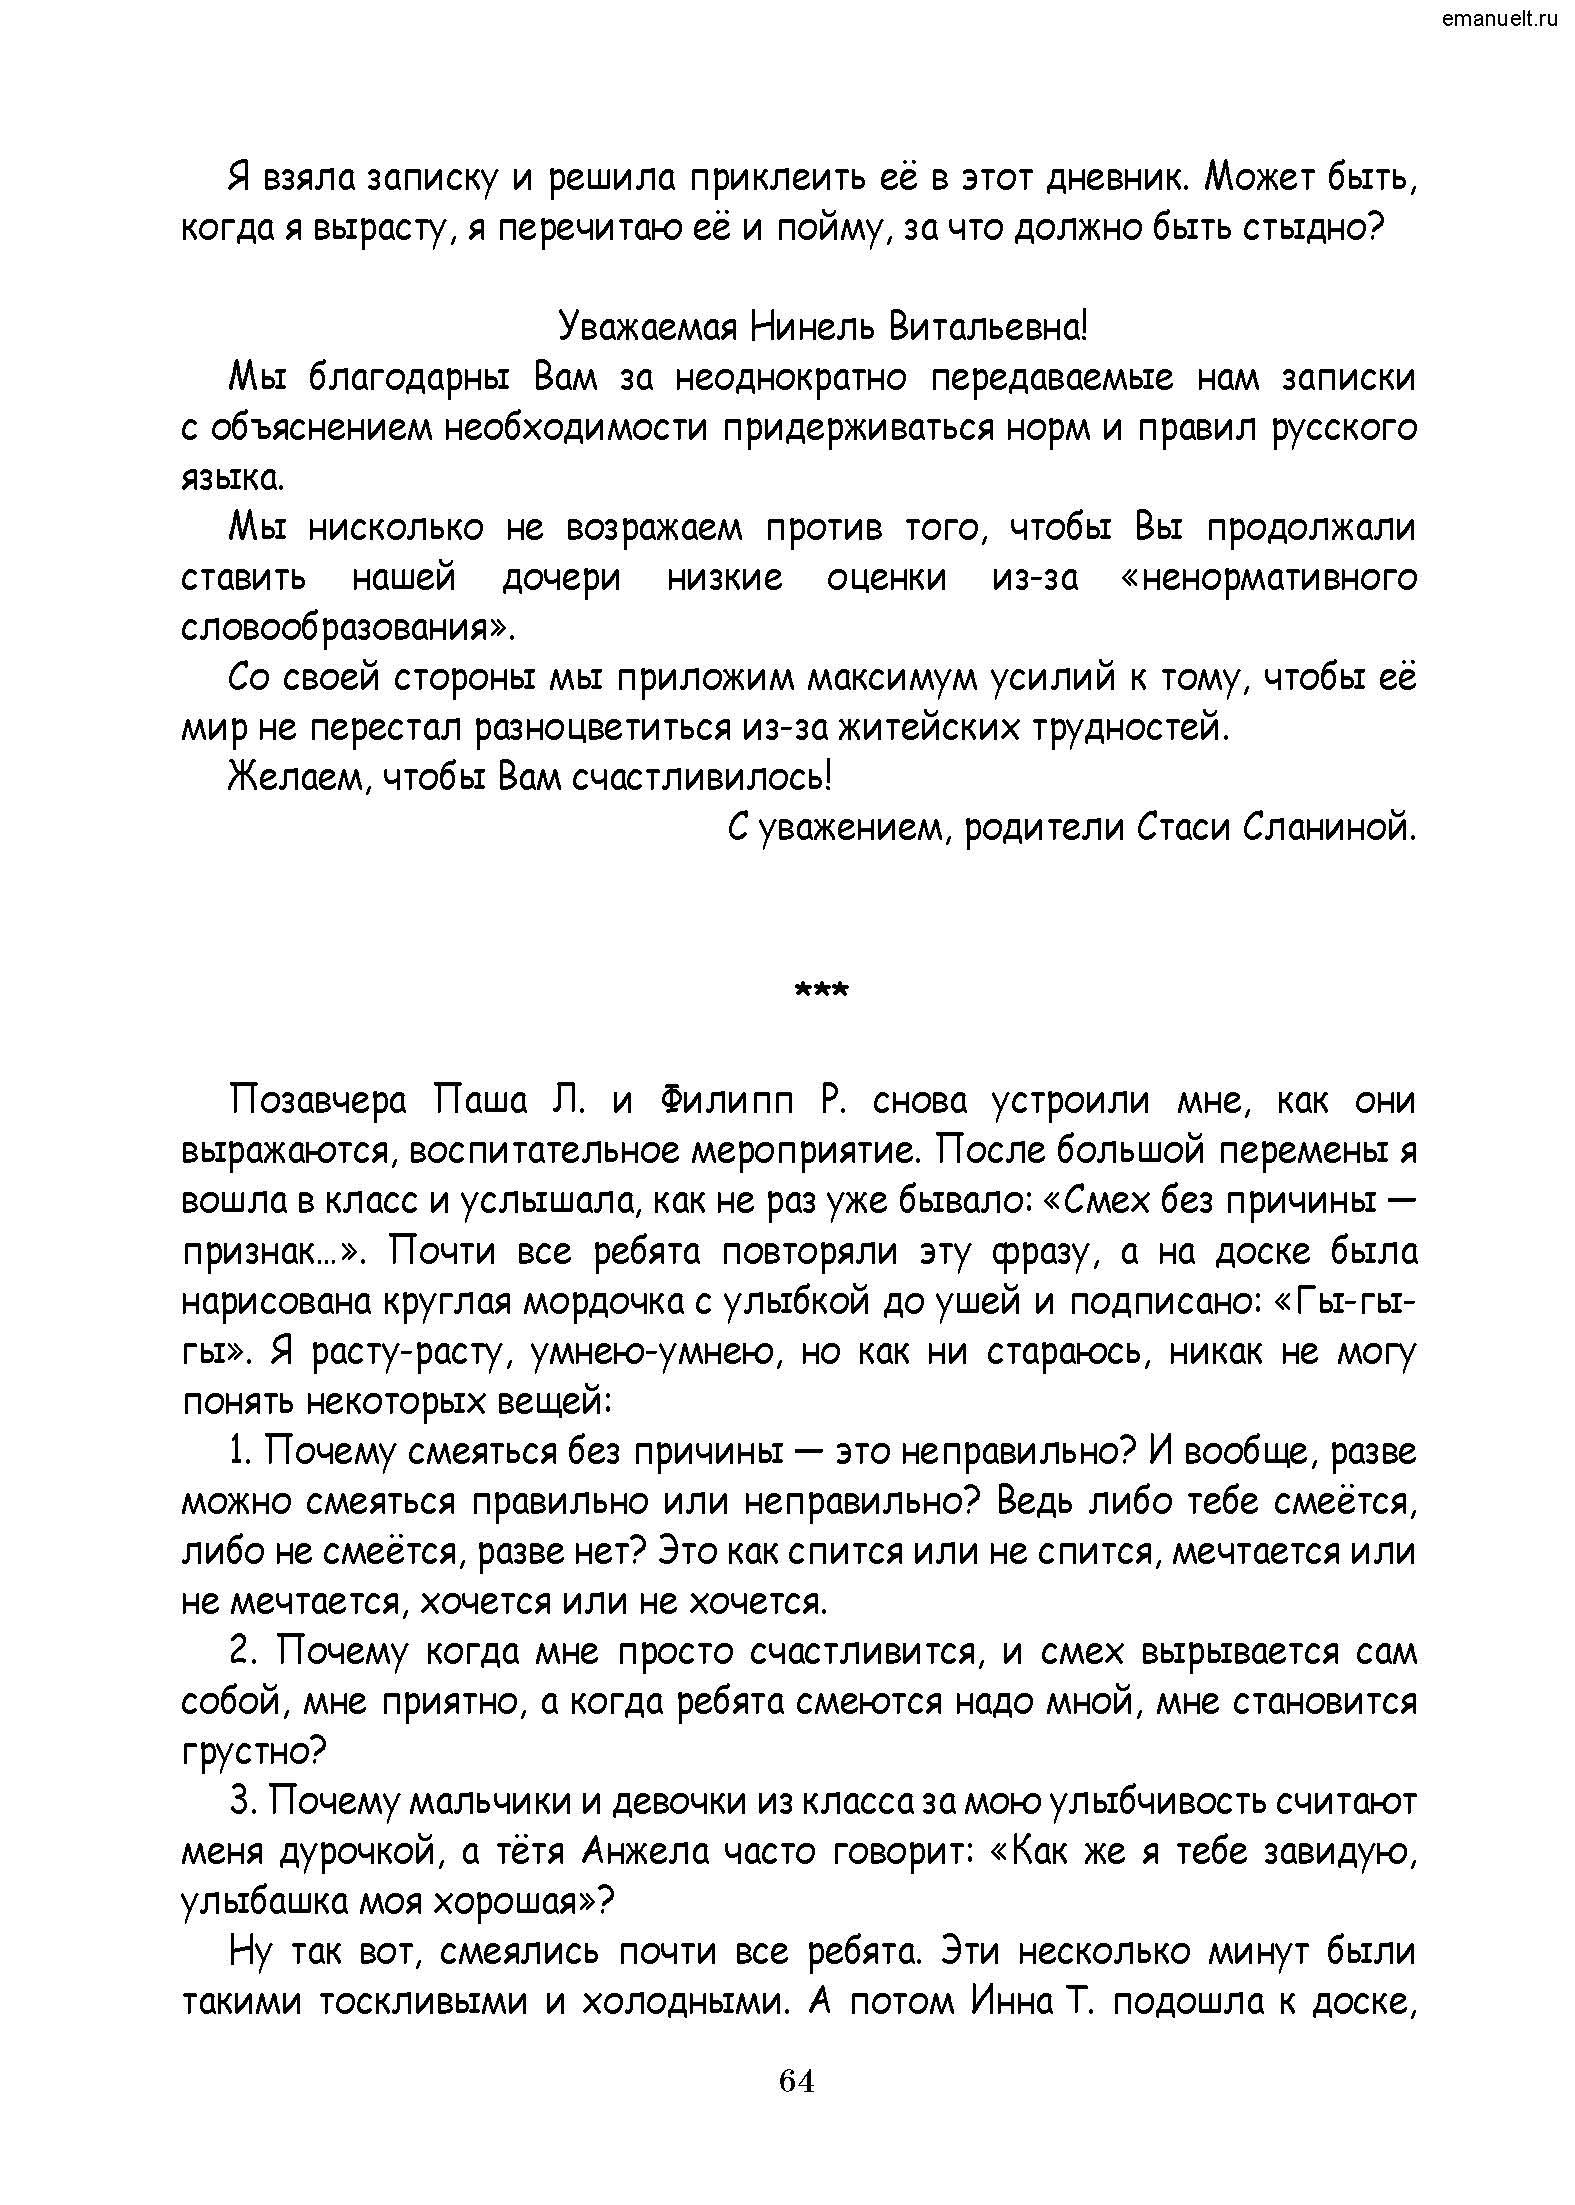 Рассказки в заданиях. emanuelt.ru_Страница_065